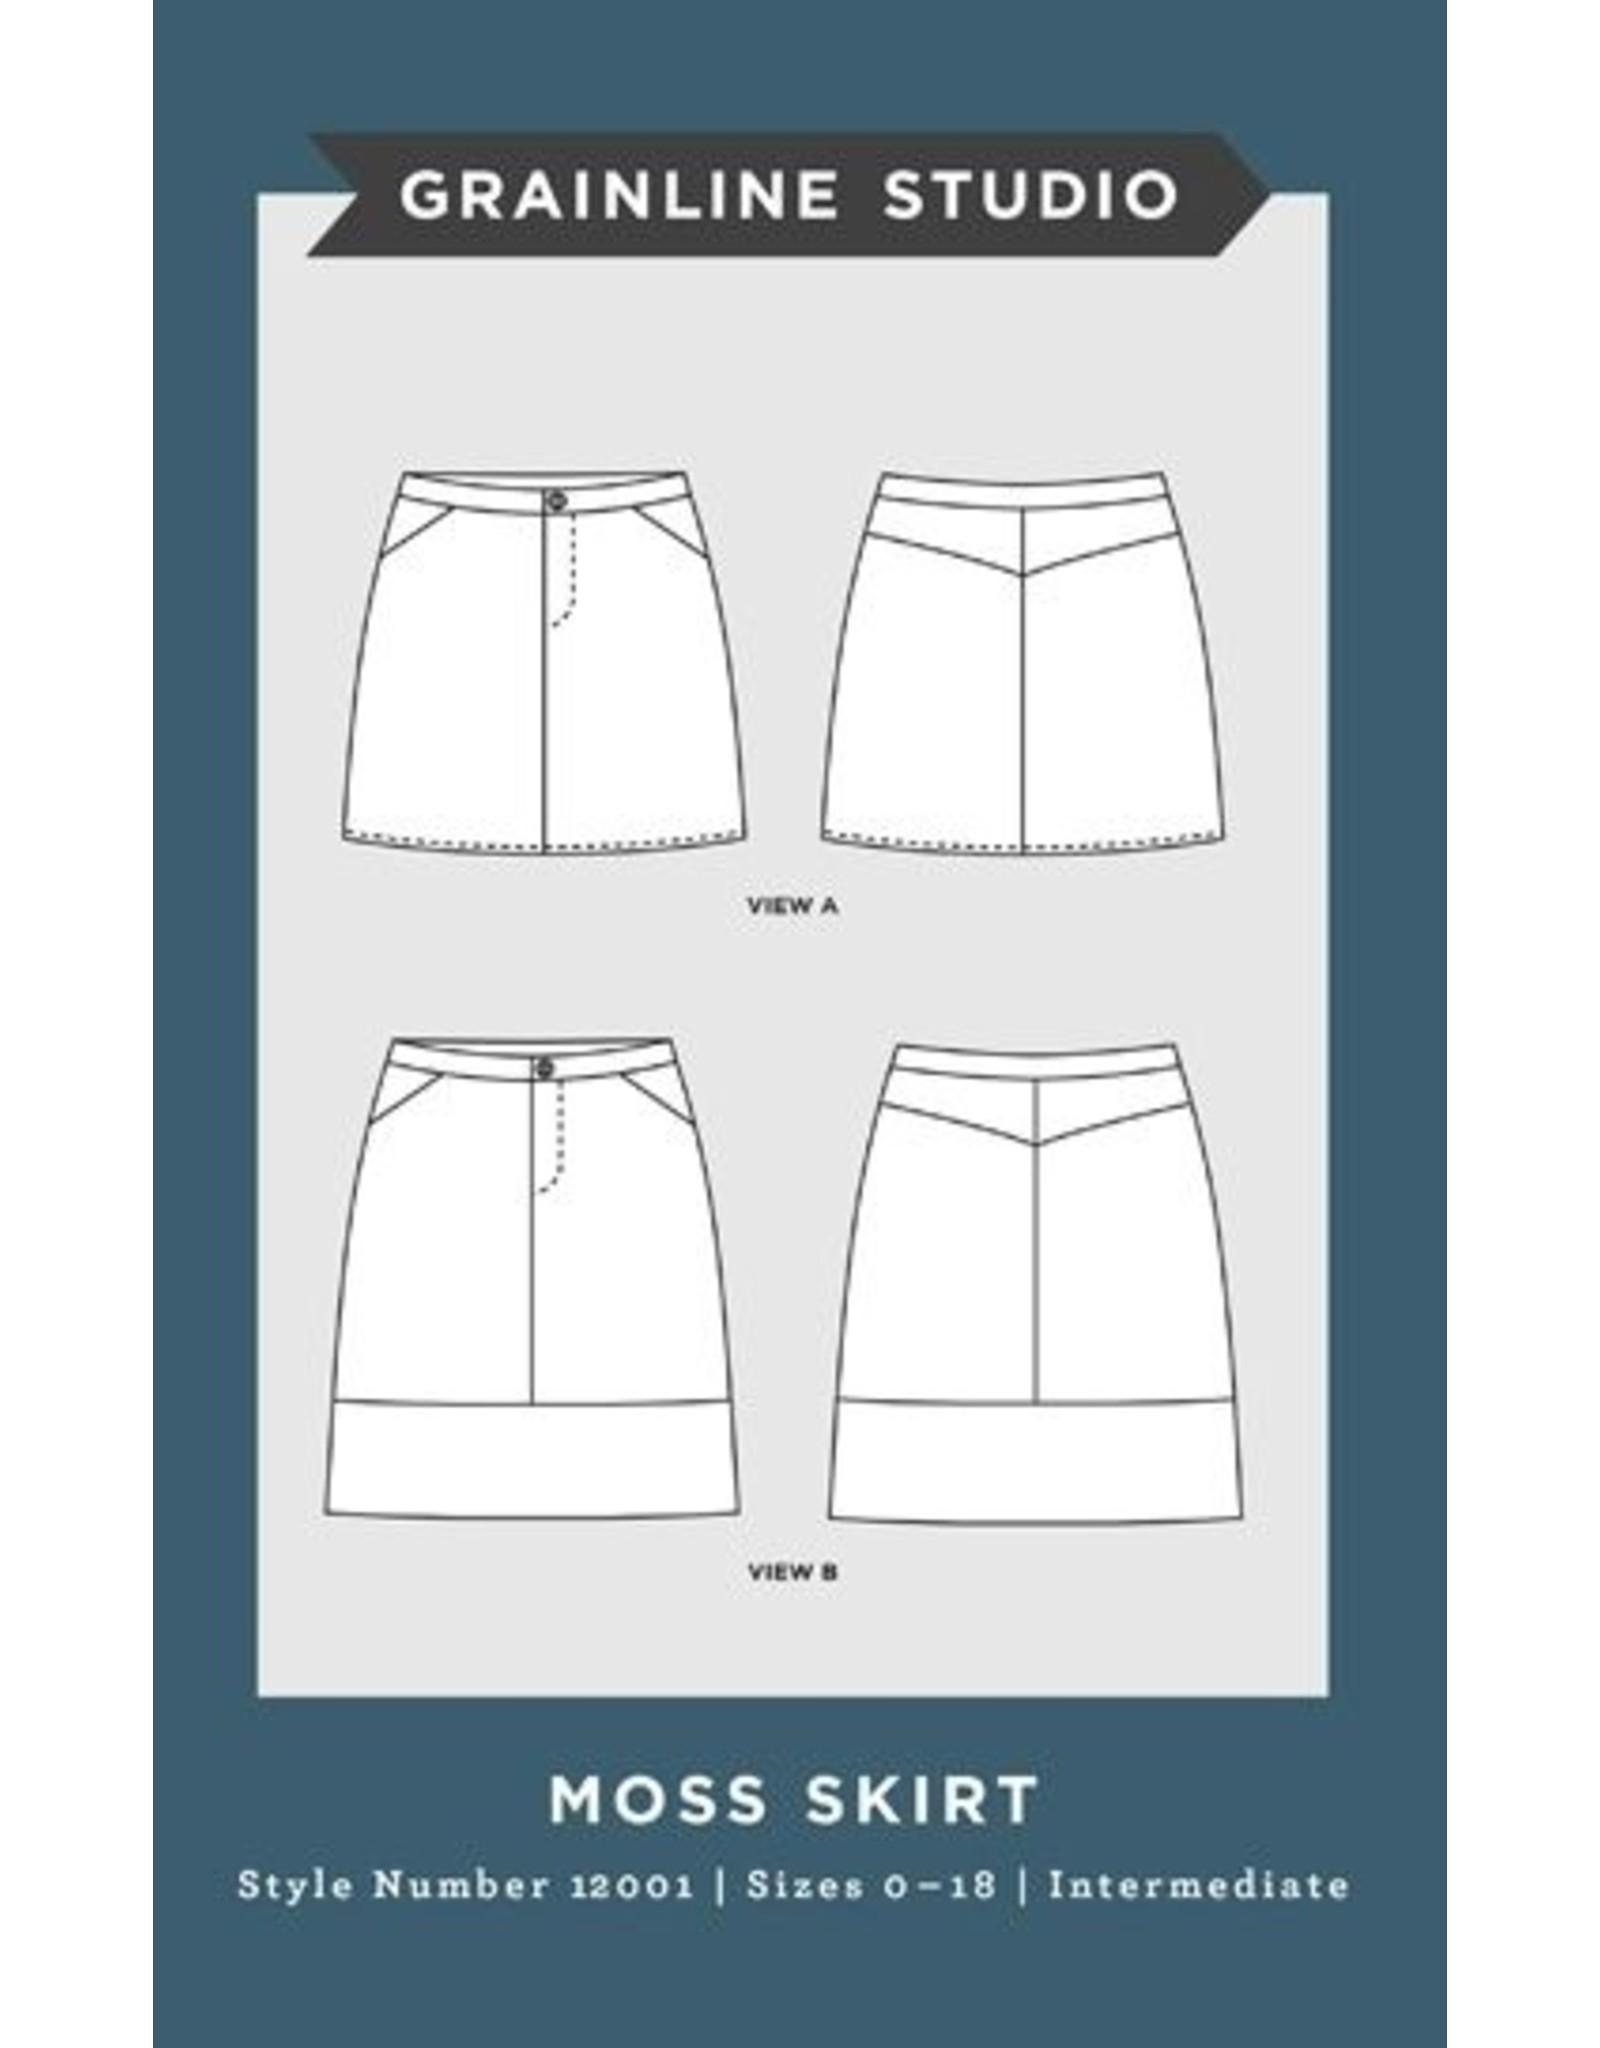 Grainline Studio Moss Skirt Pattern